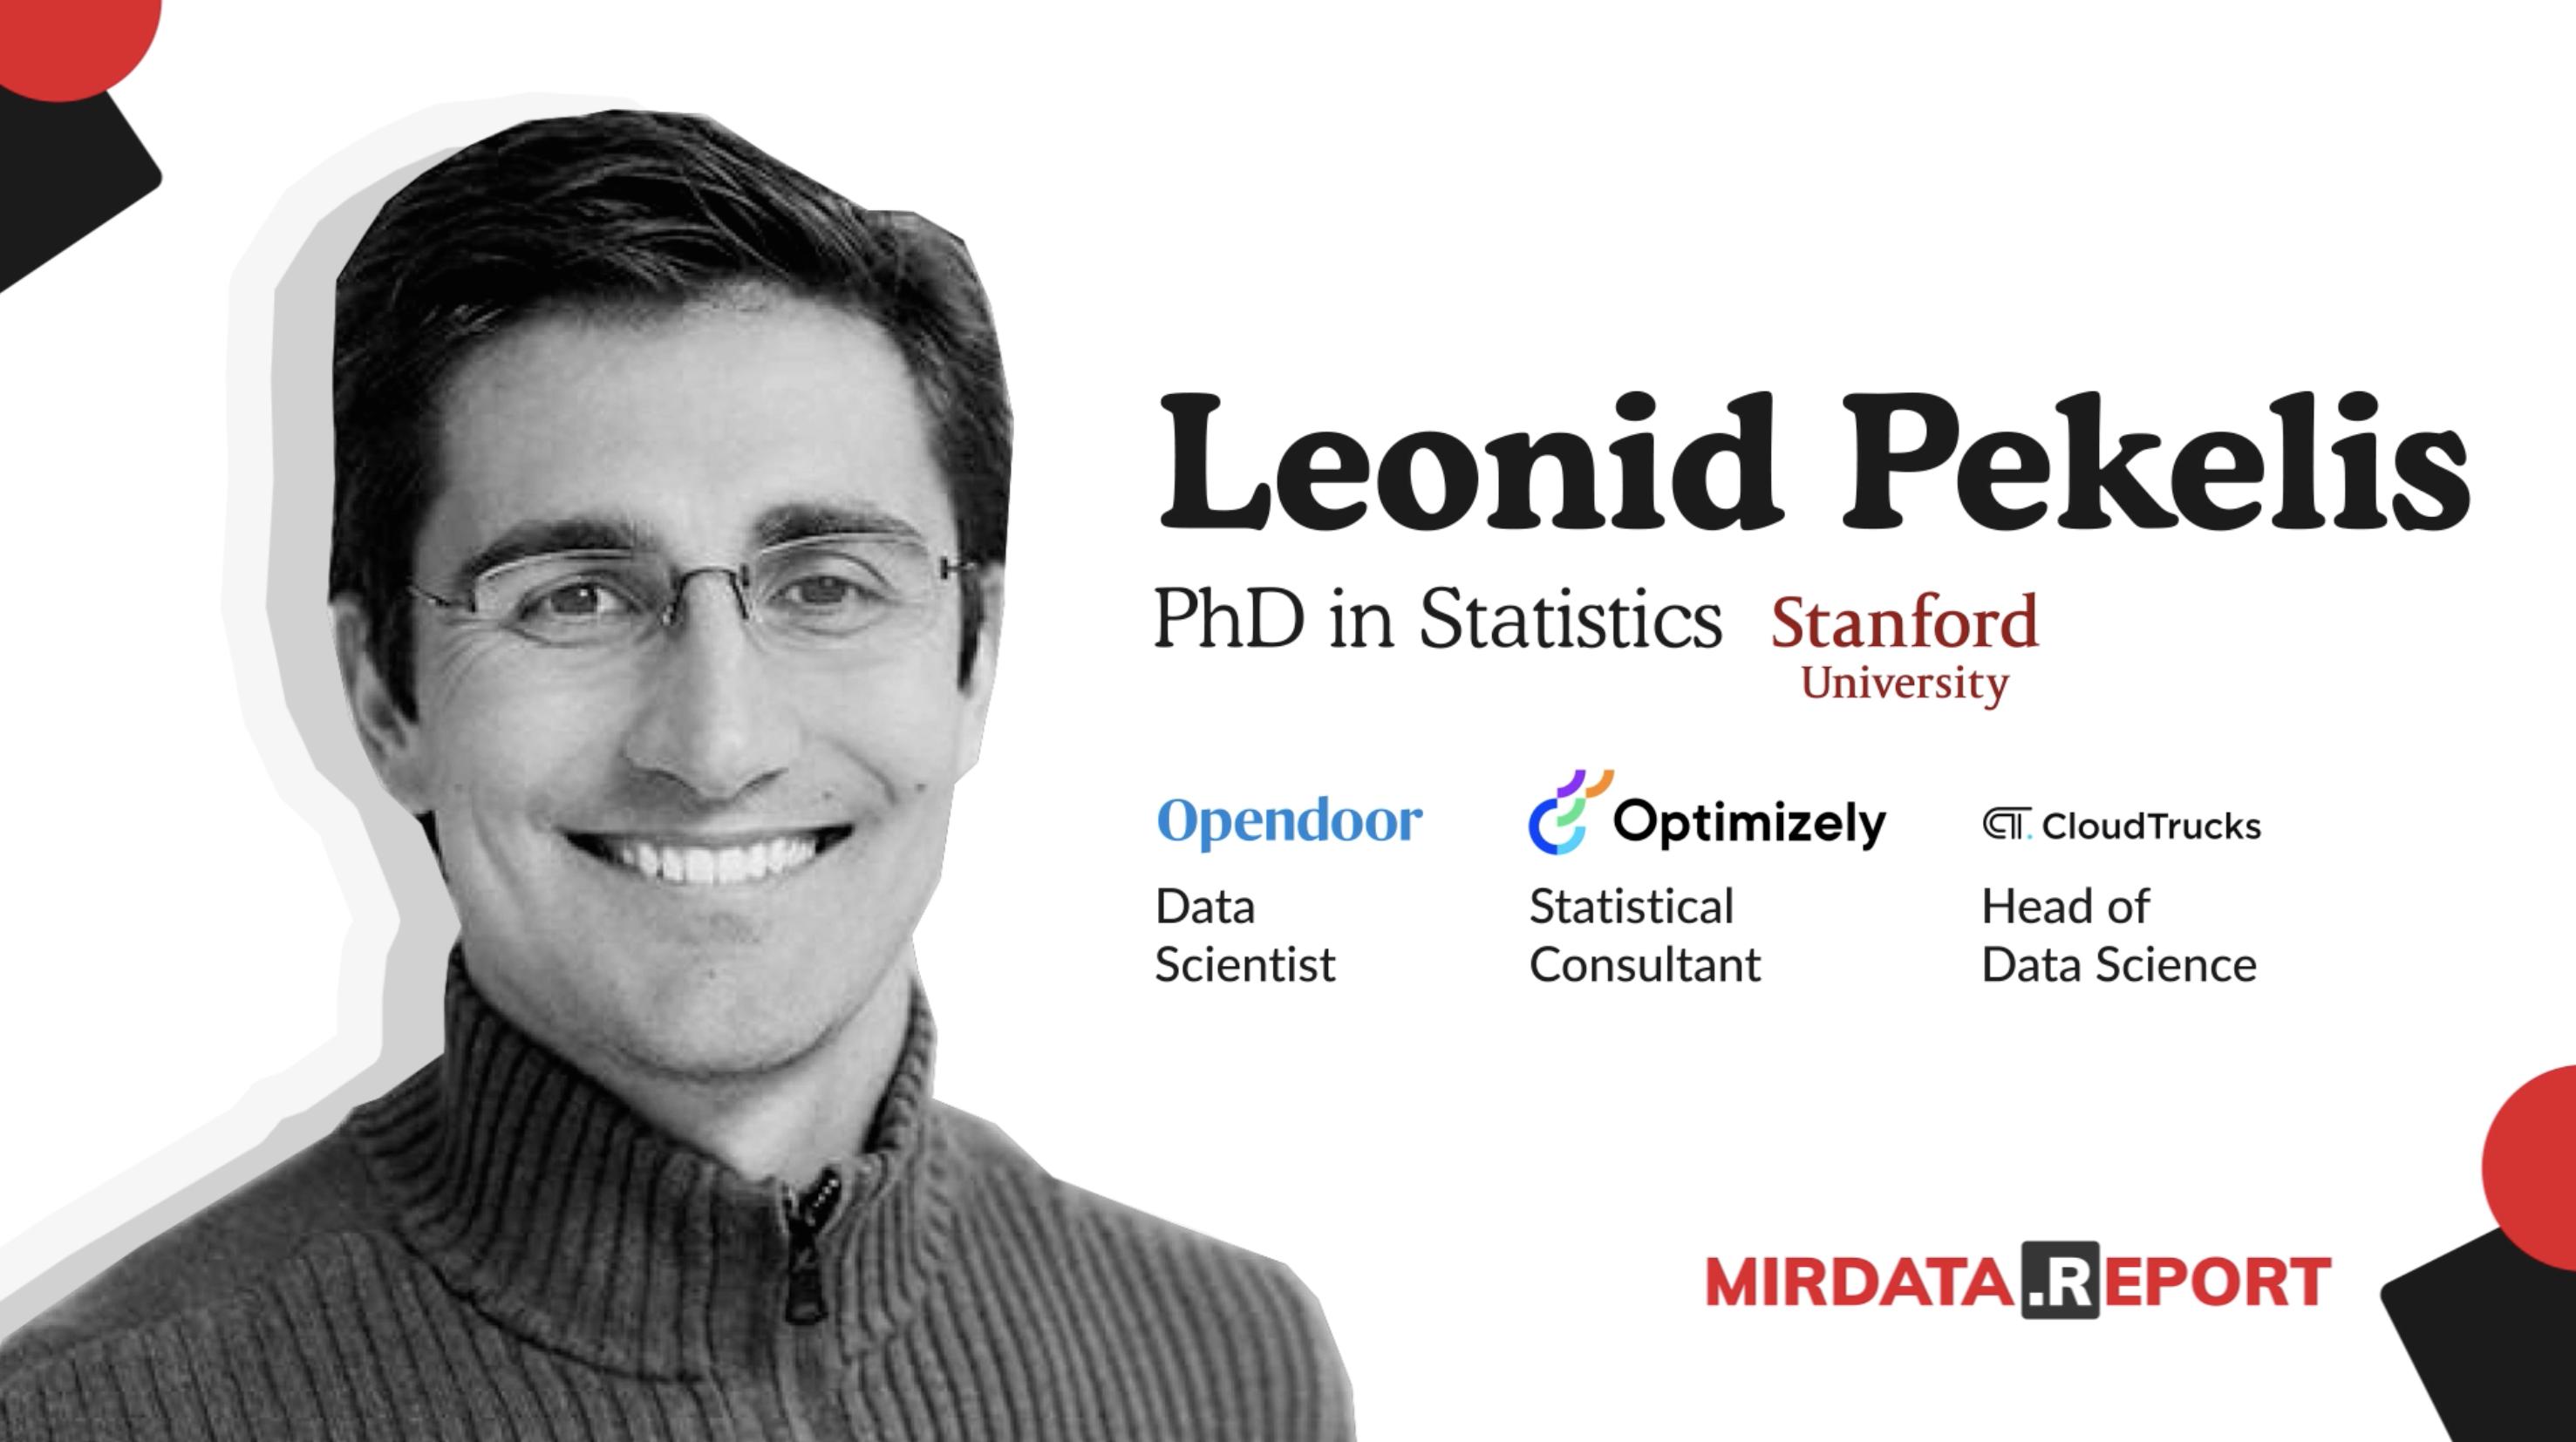 Leonid Pekelis Data Talk